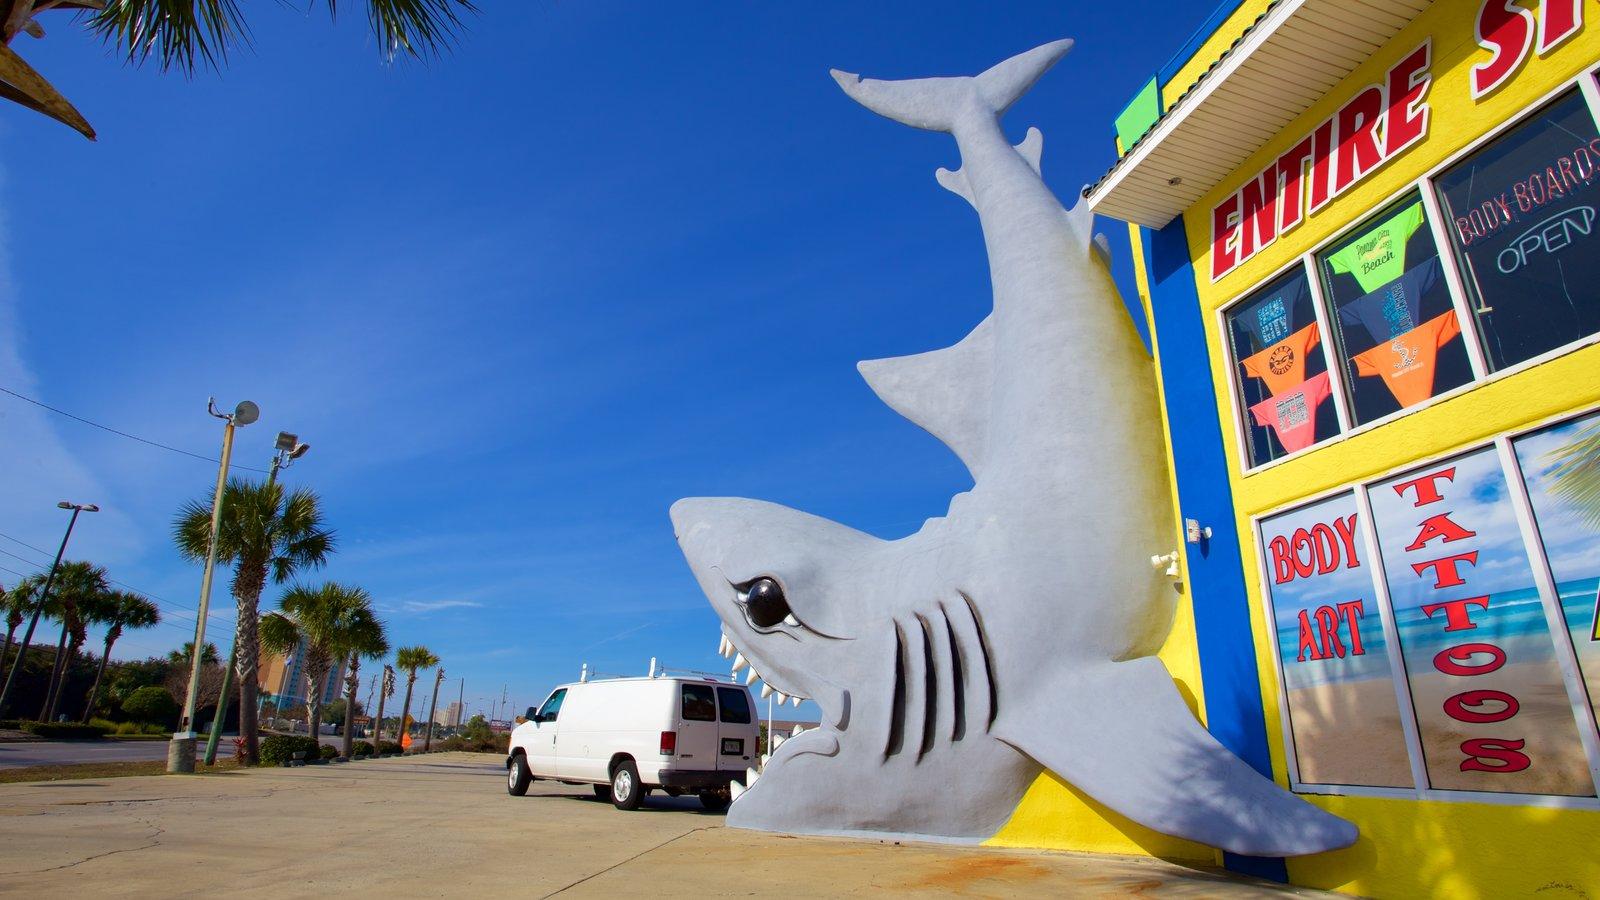 Cidade do Panamá caracterizando uma estátua ou escultura, arte ao ar livre e sinalização